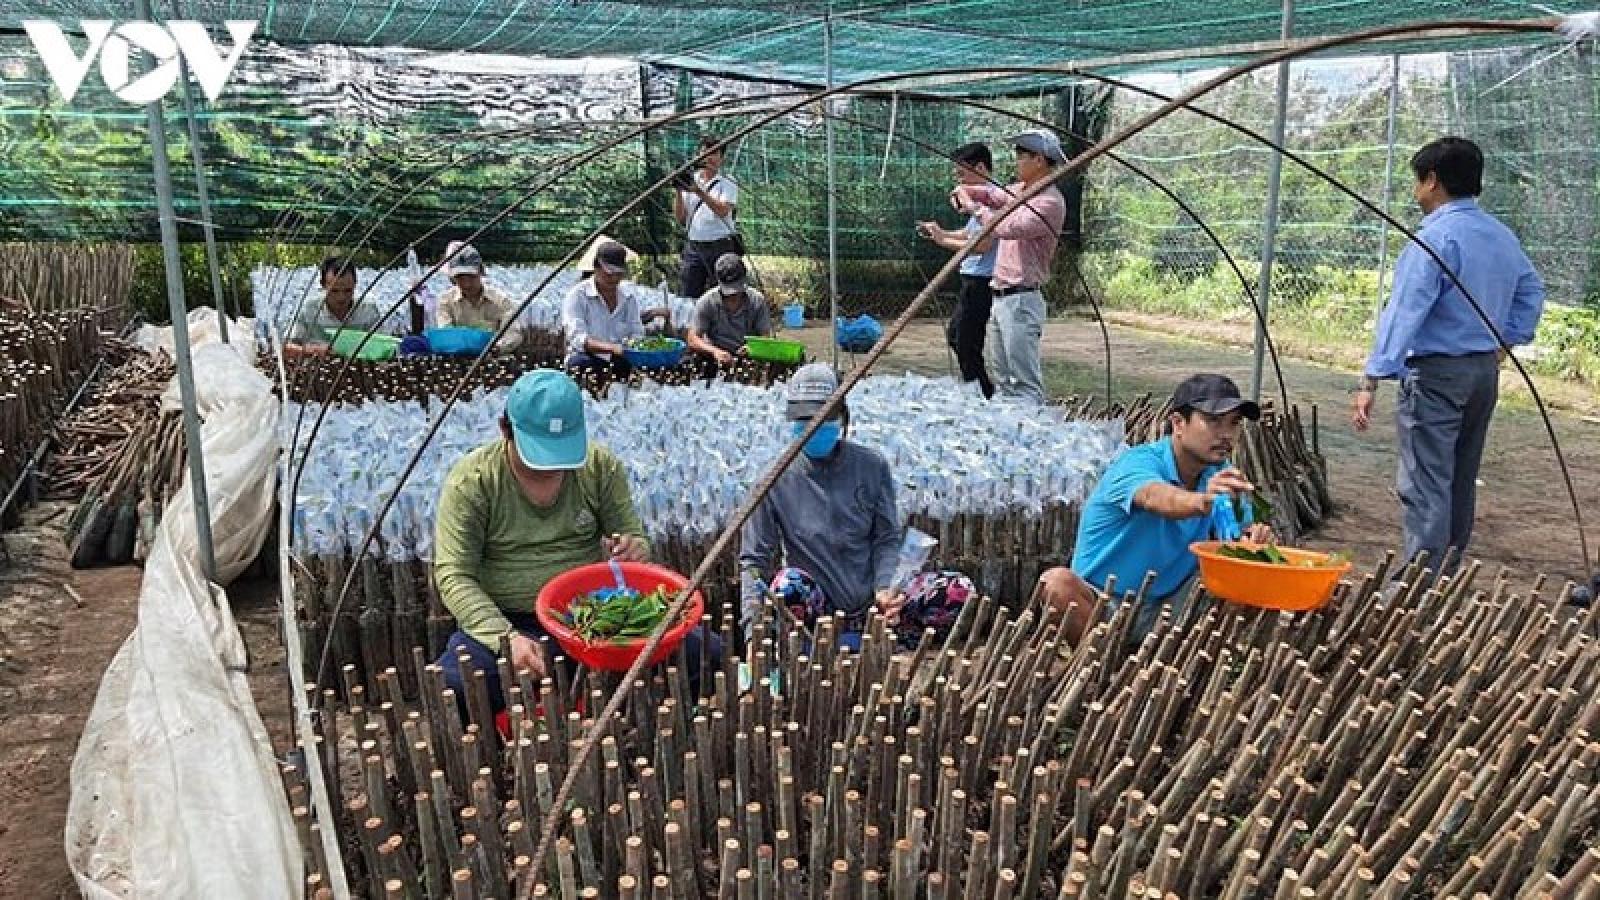 Thu nhập của người dân Chợ Lách (Bến Tre) tăng hơn 3 lần nhờ nông thôn mới